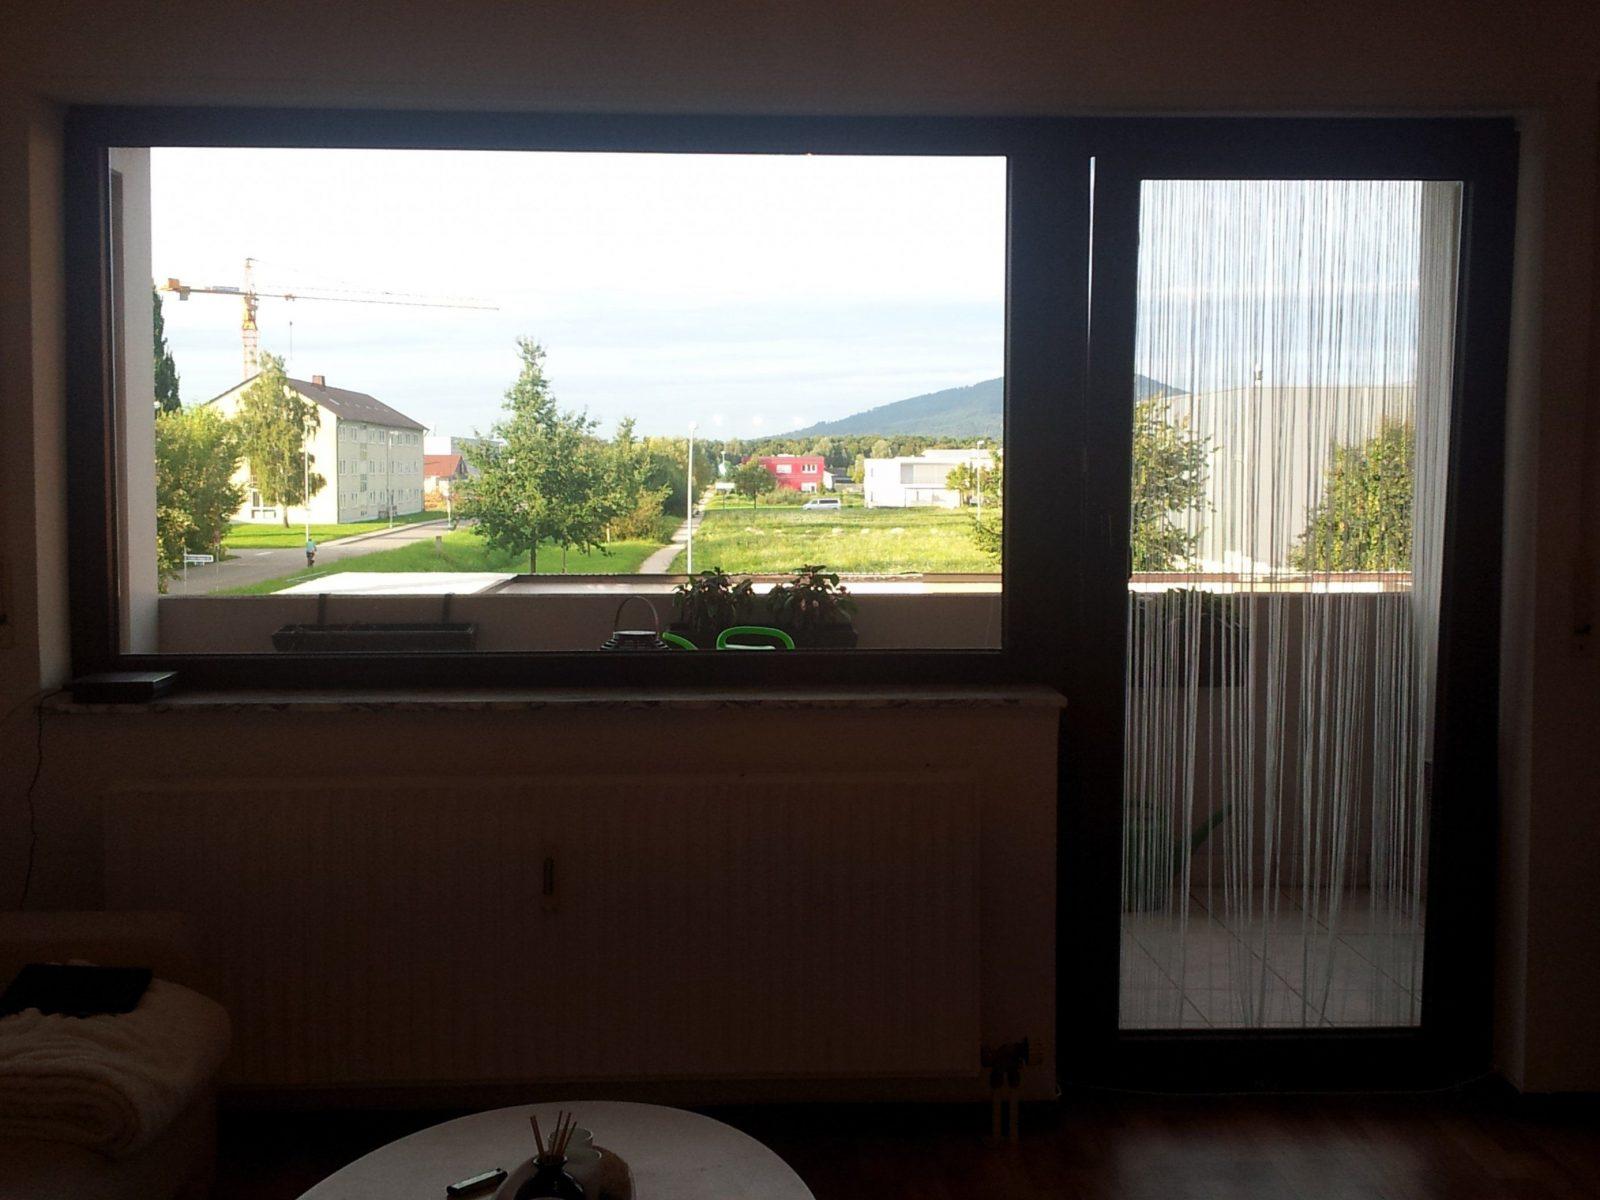 Hervorragend Gardinen Für Großes Fenster Mit Balkontür  Fenster von Gardinen Fenster Und Balkontür Photo